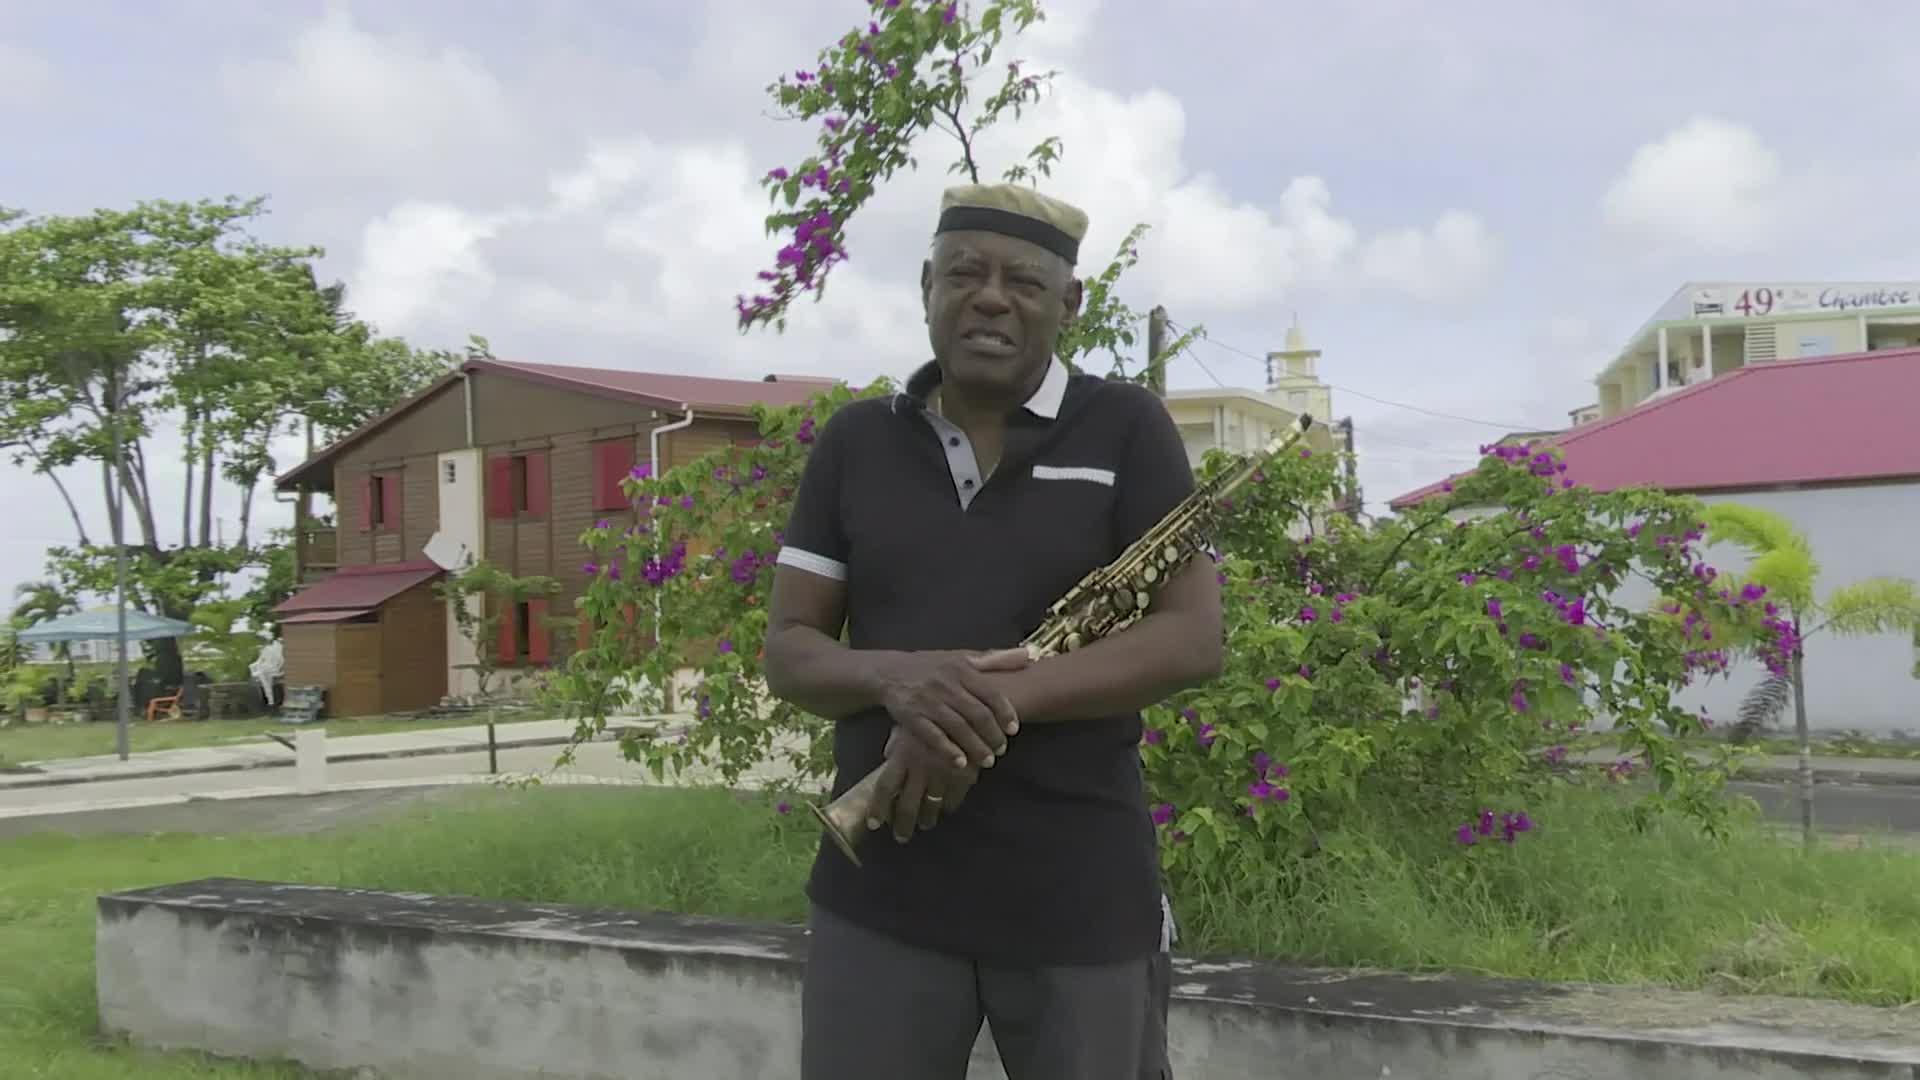 Camille Sopran'n offre un dernier  hommage au très regretté saxophoniste Manu Dibango